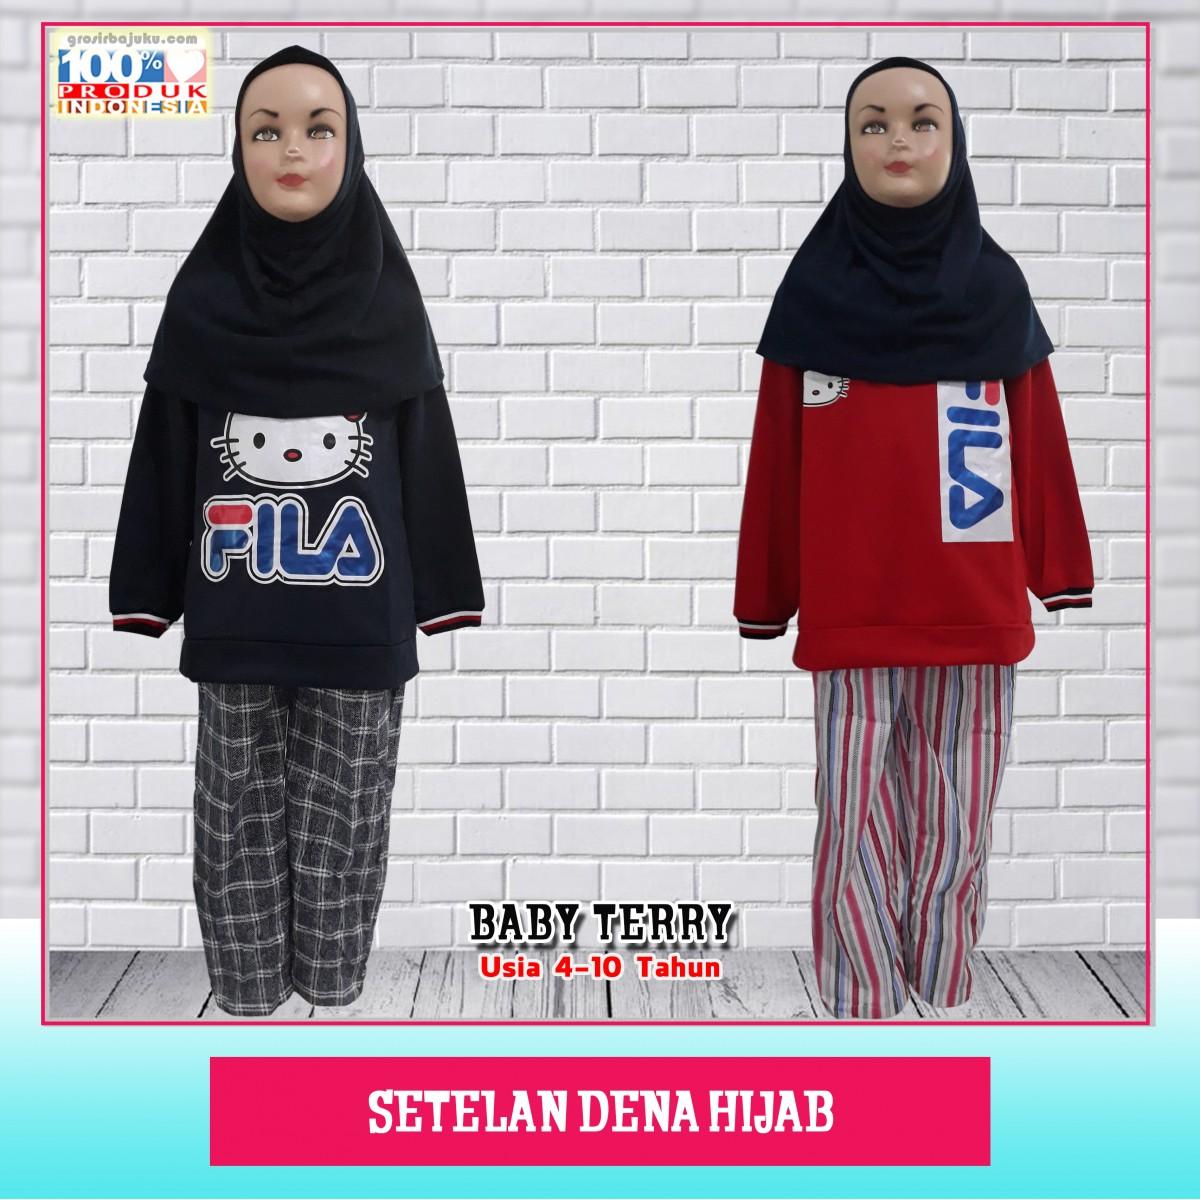 Pusat Grosir Baju Murah Solo Klewer 2021 Supplier Setelan Dena Hijab Murah di Solo